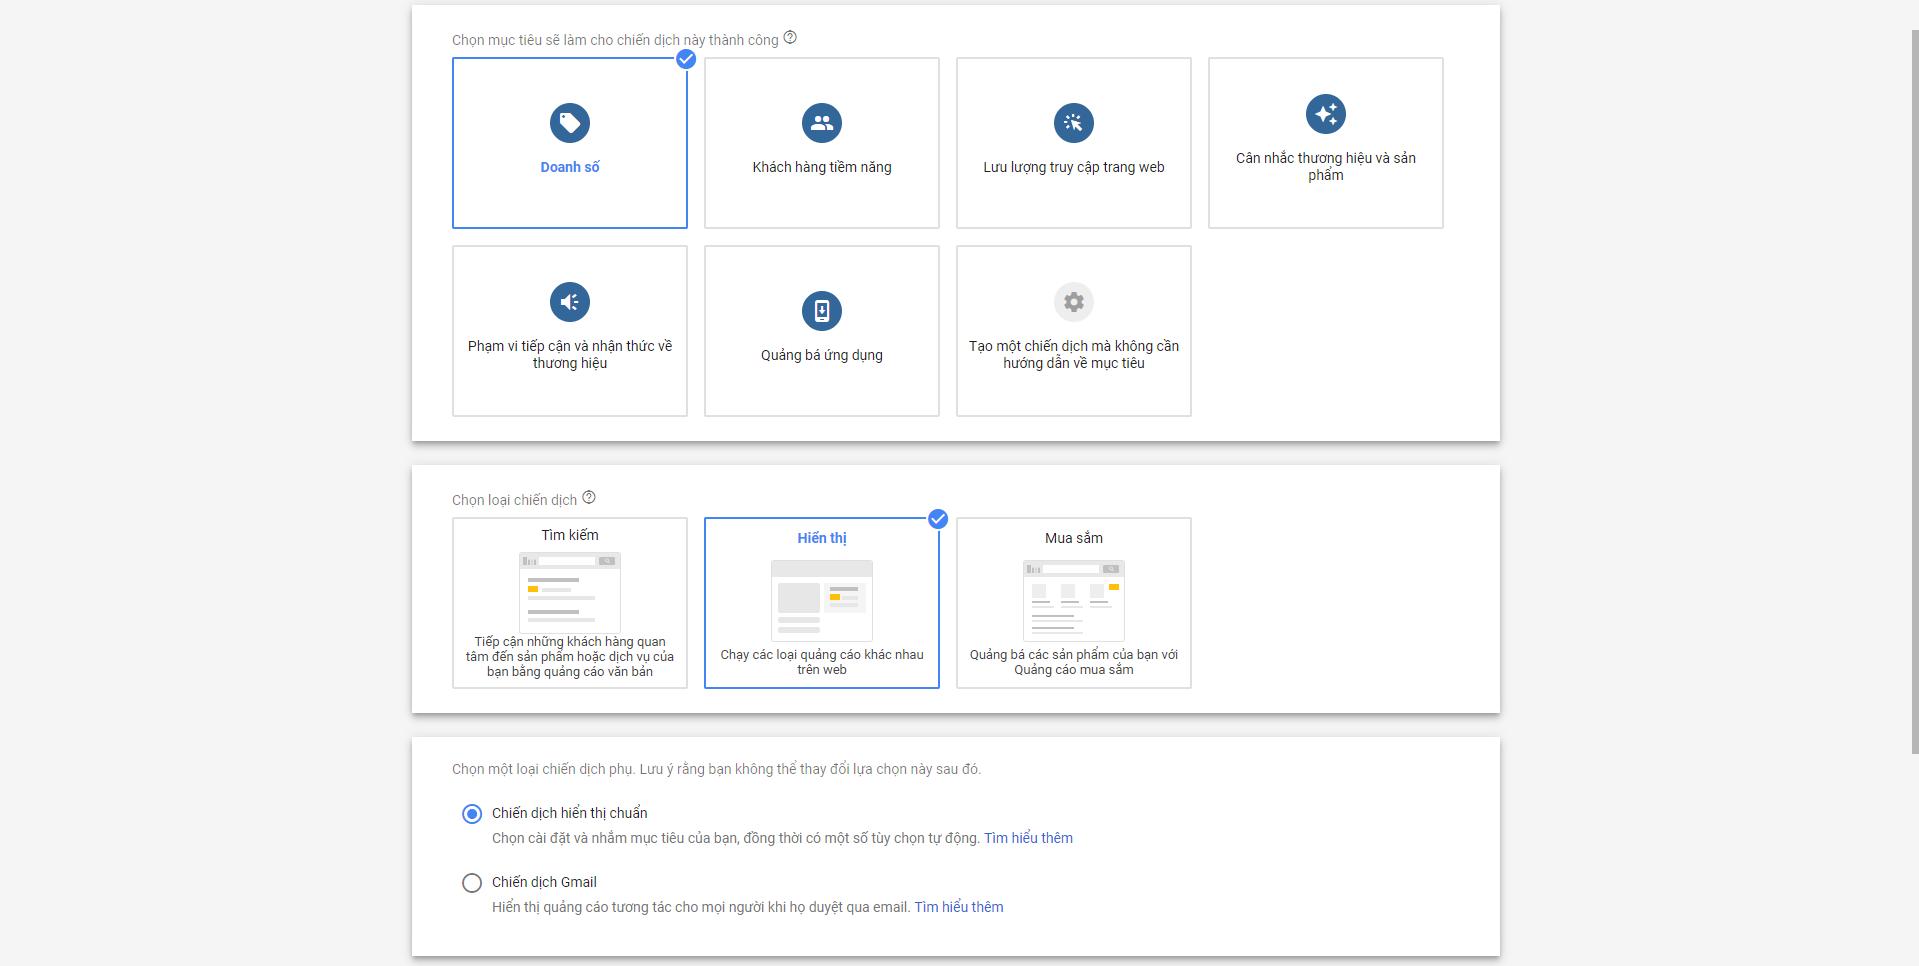 Chiến dịch hiển thị trong Google Display Network